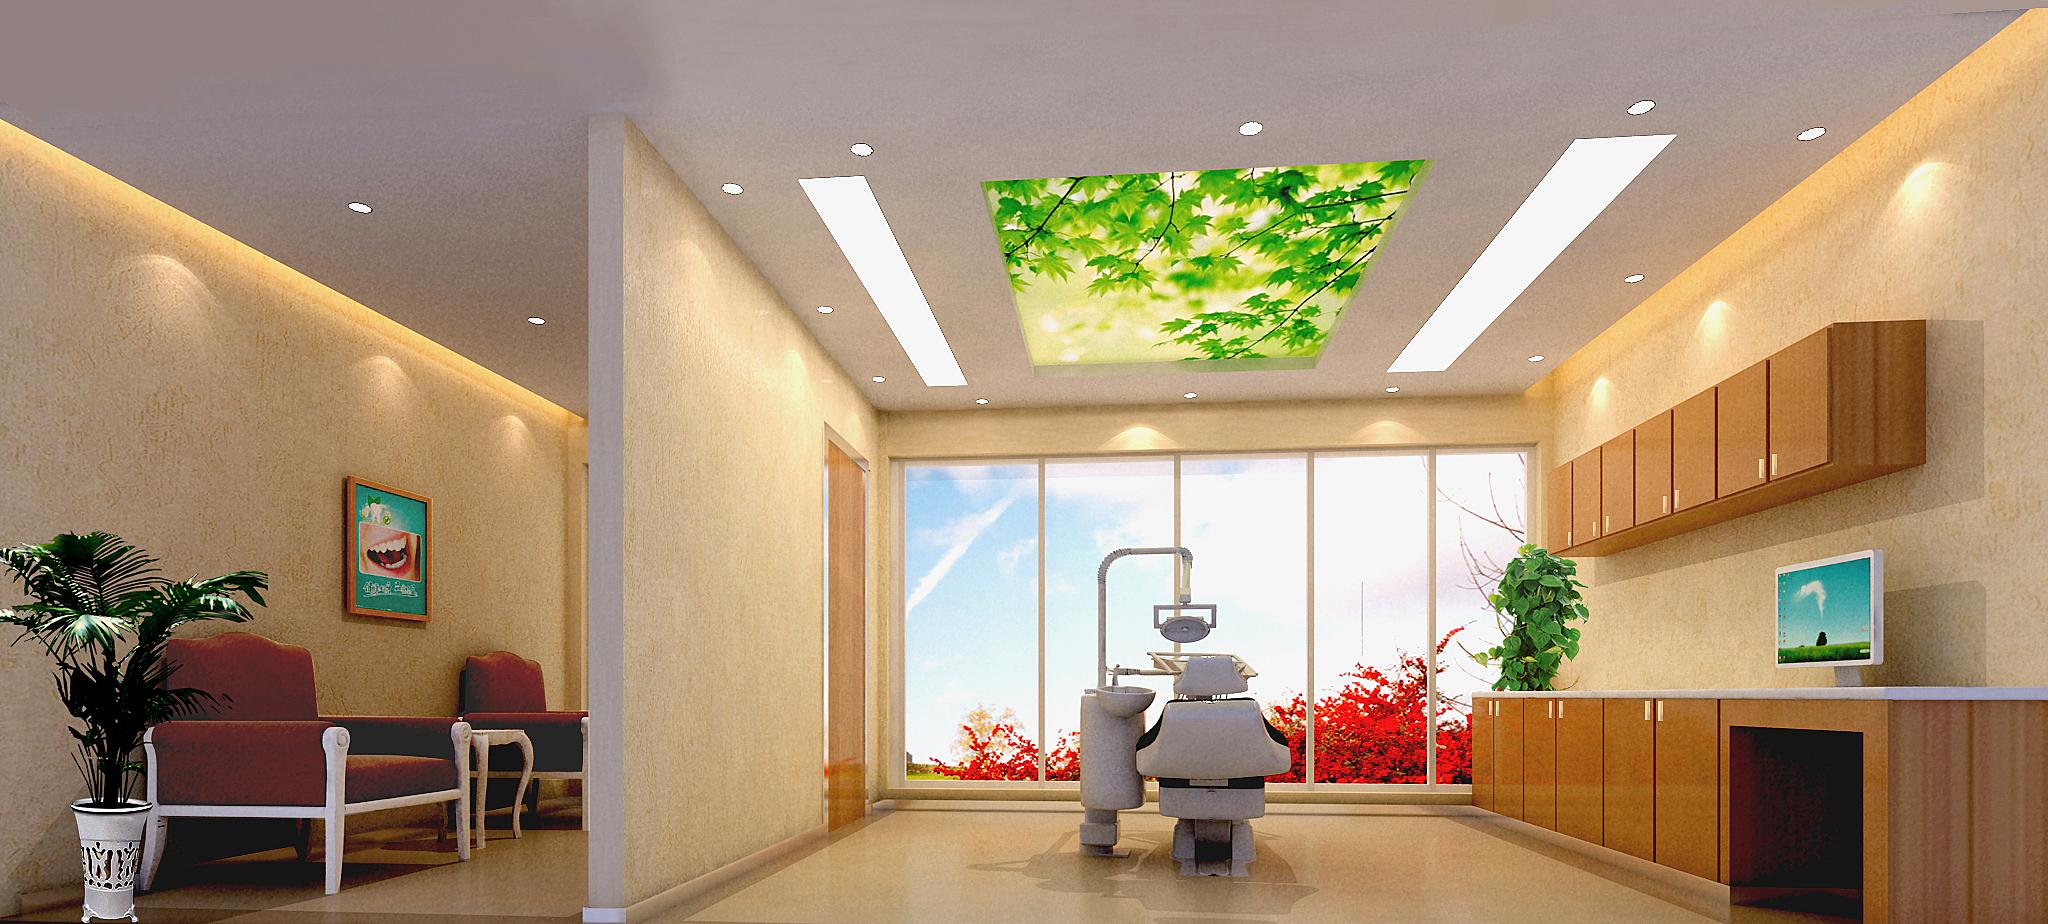 口腔門診設計/牙科診所設計/牙科診所裝修/口腔診所